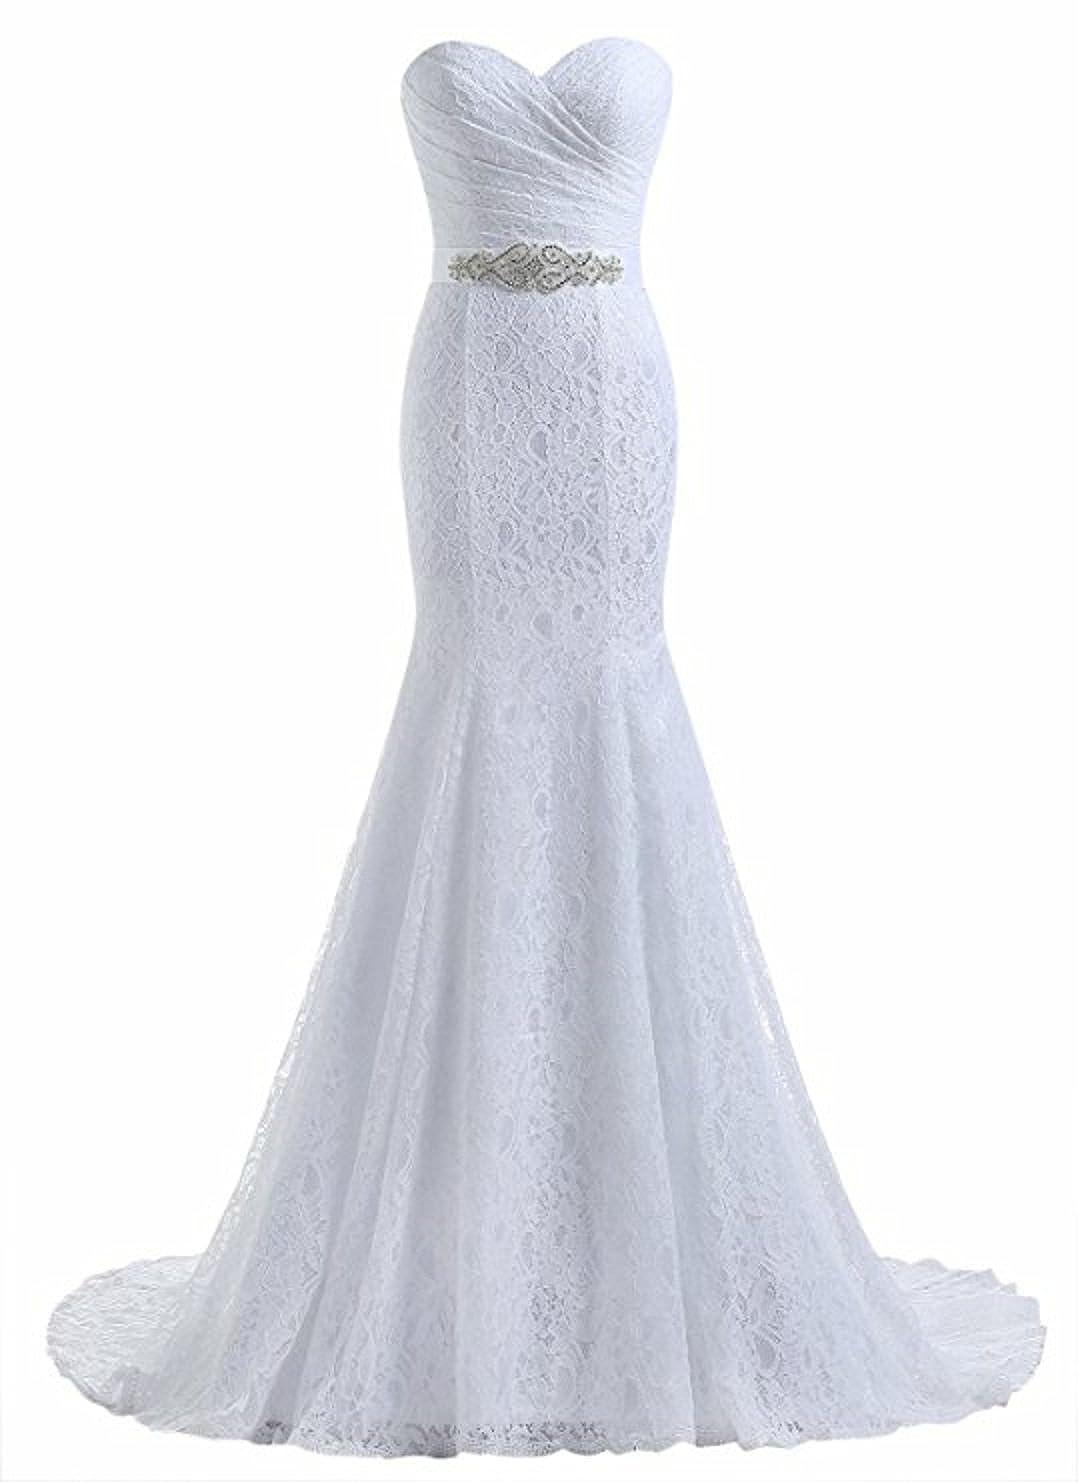 Beautyprom Frauen-Spitze-Nixe-Brautkleider B01H7KJU88 Brautkleider Bestellung willkommen